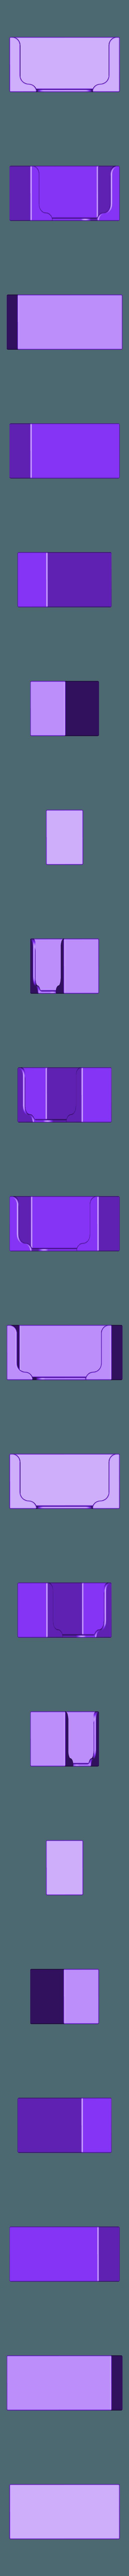 80mmx27mmx40mm.STL Télécharger fichier STL gratuit Le support contrôle la télécommande ou le téléphone portable • Design pour imprimante 3D, fabiomingori